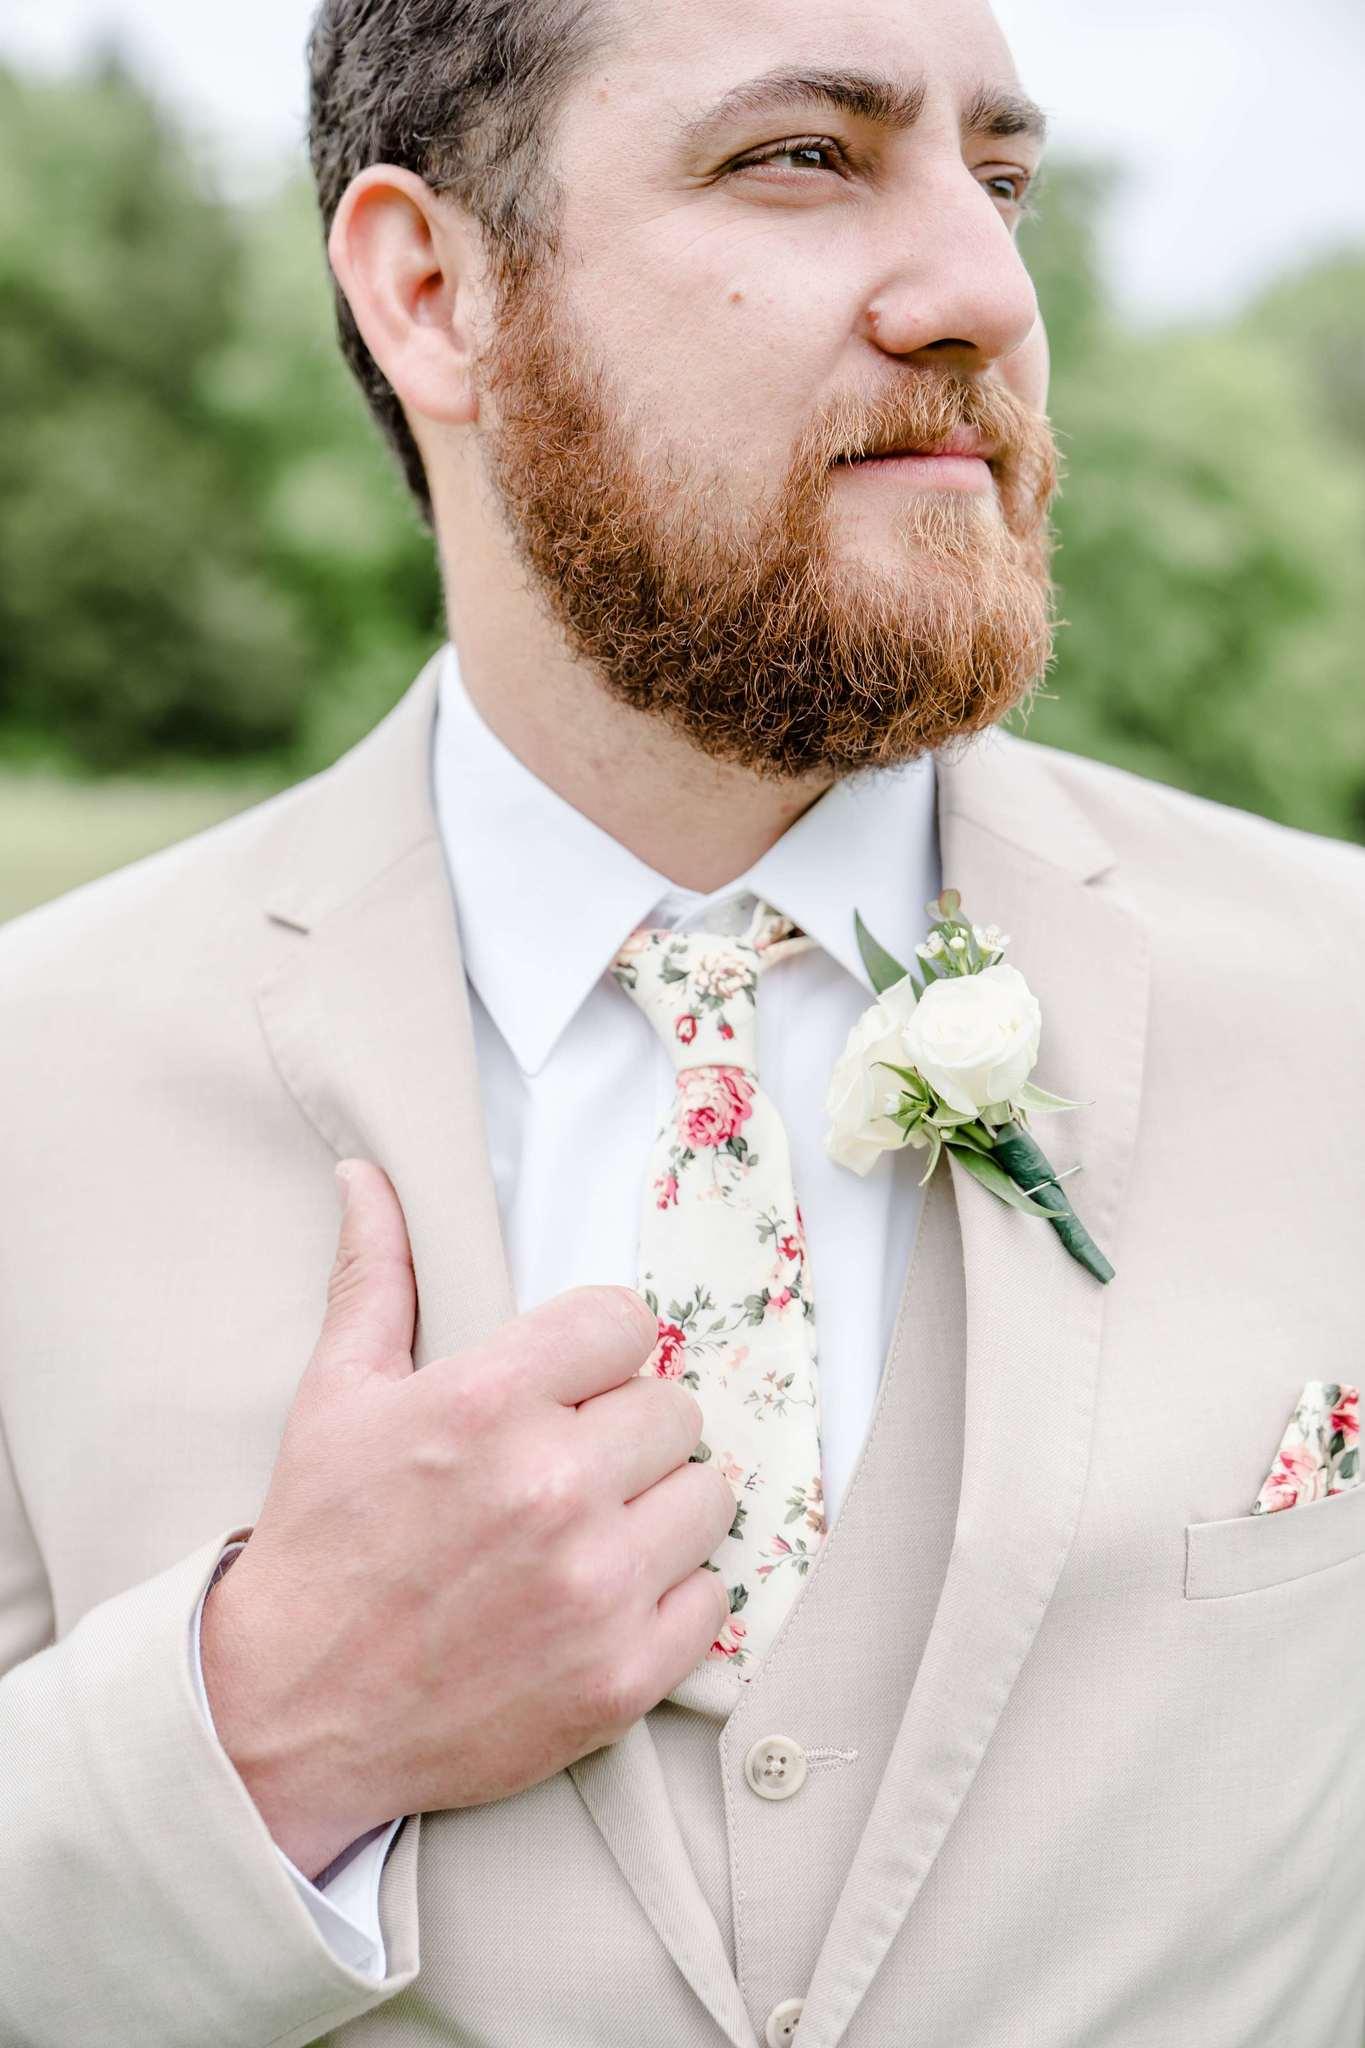 Beige wedding tuxedo with floral wedding tie